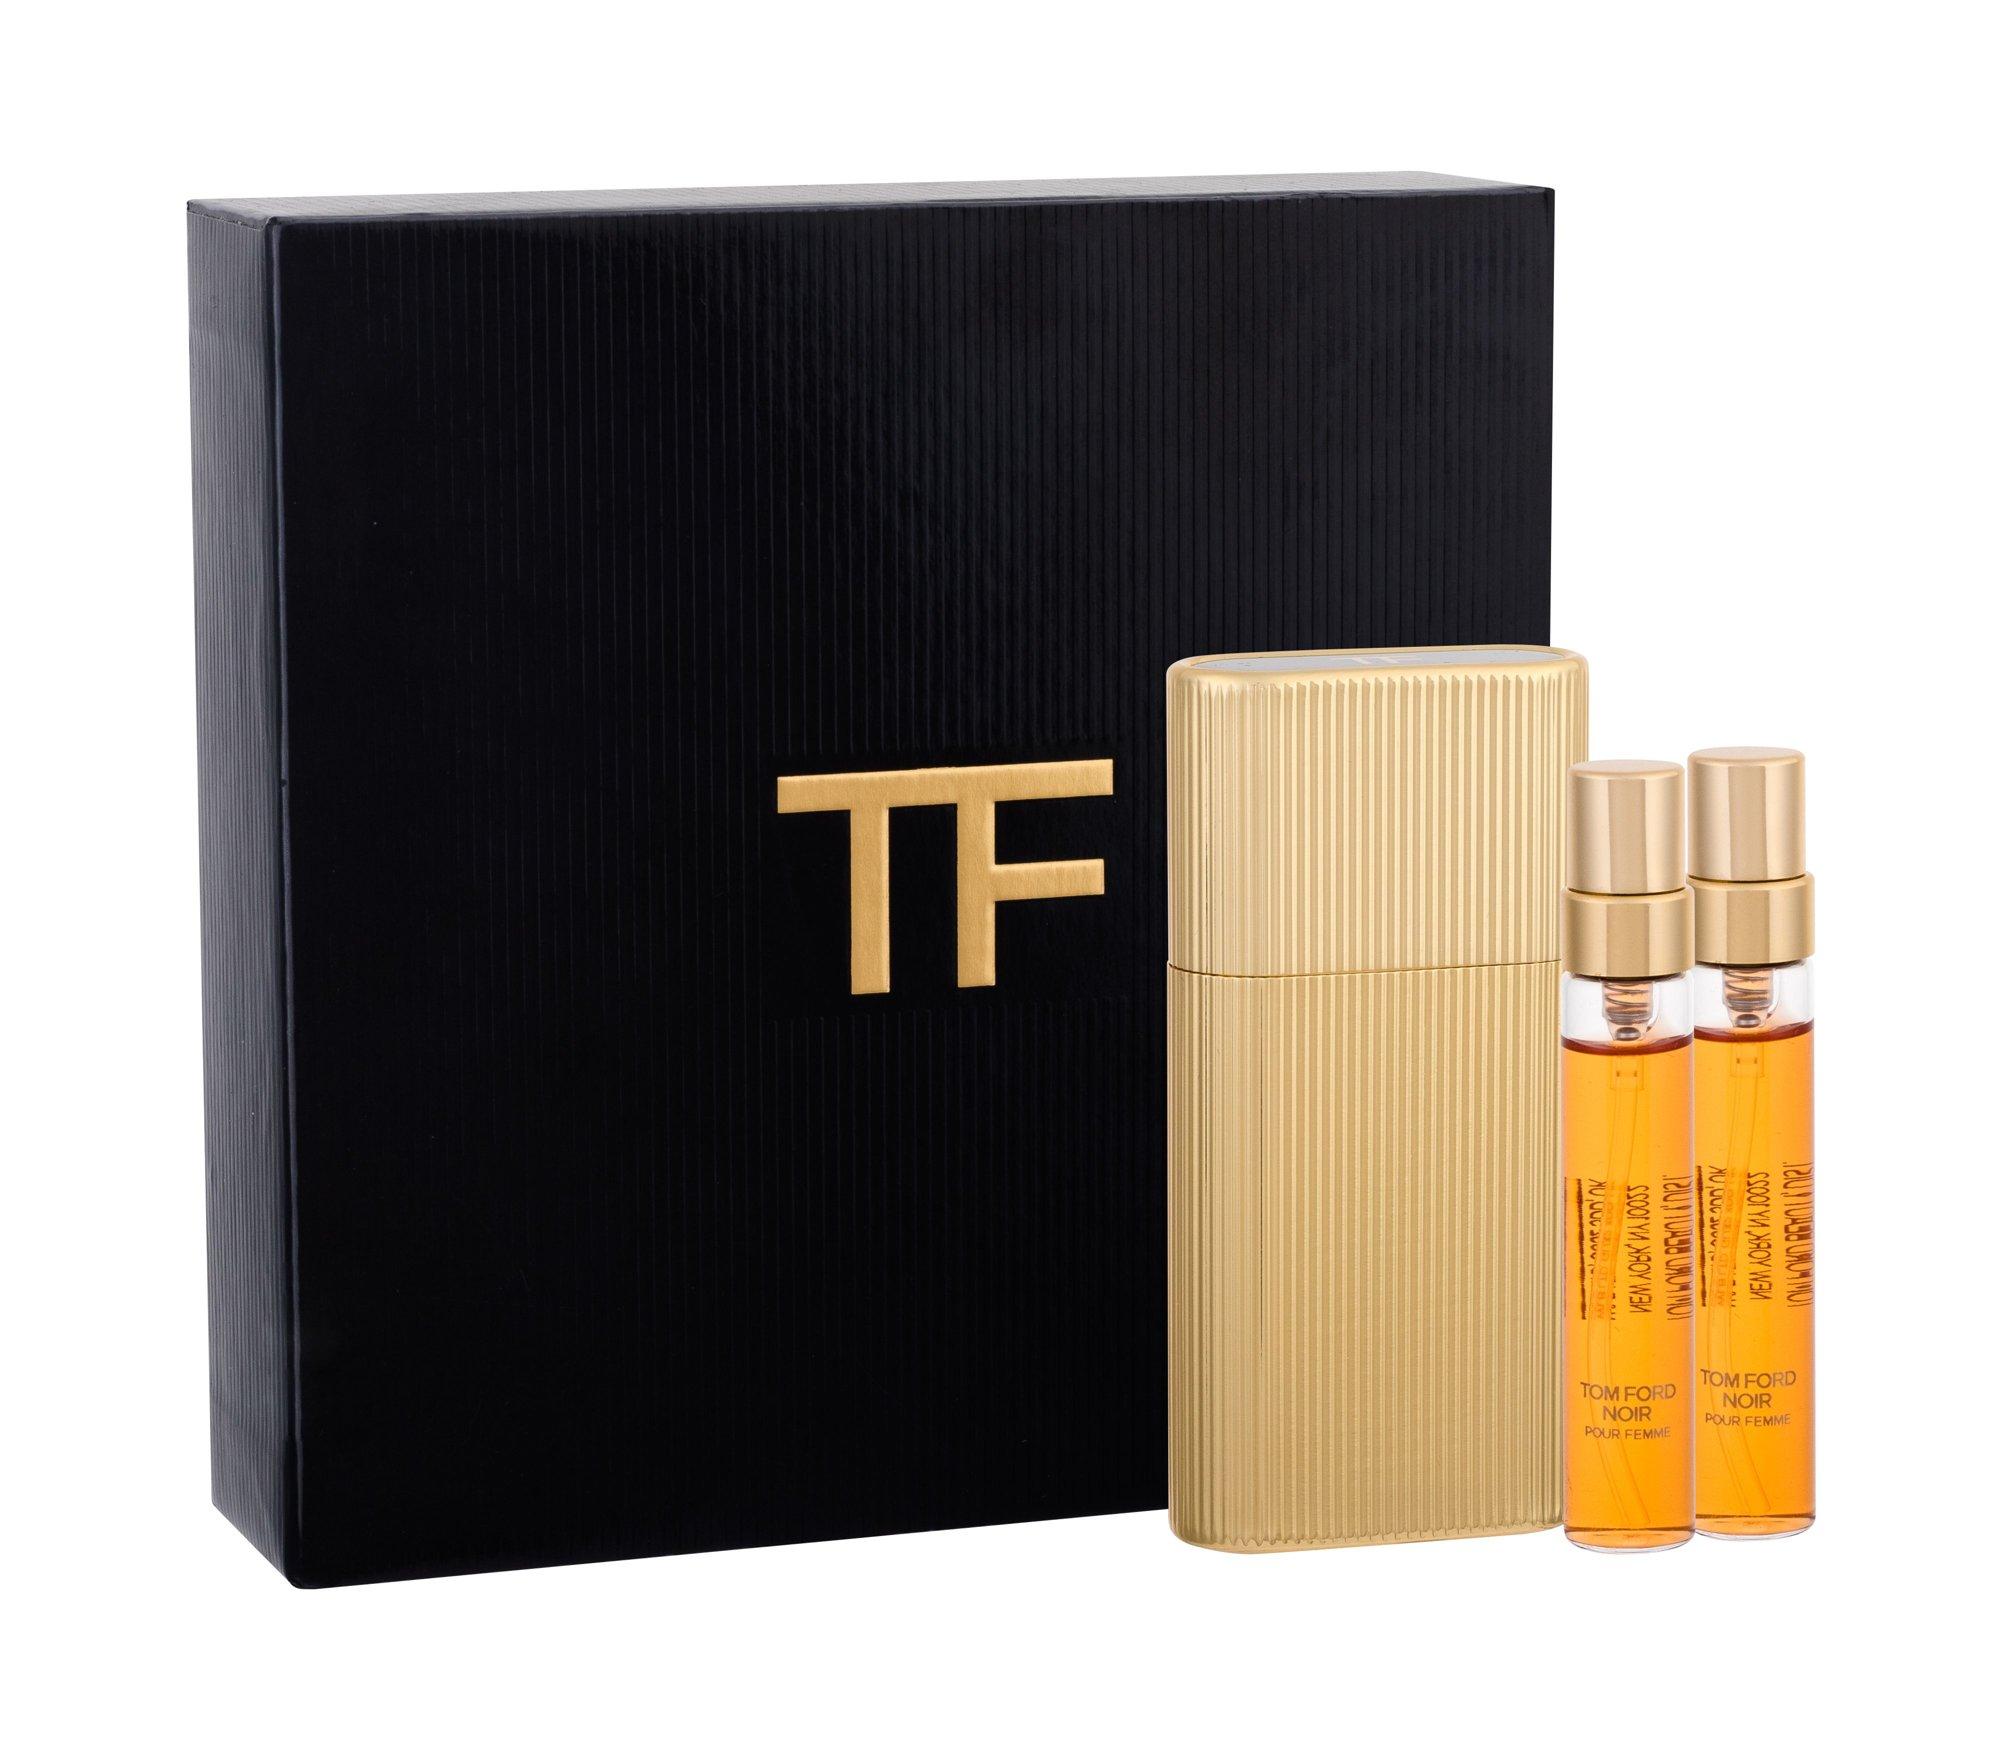 TOM FORD Noir Eau de Parfum 3x5ml